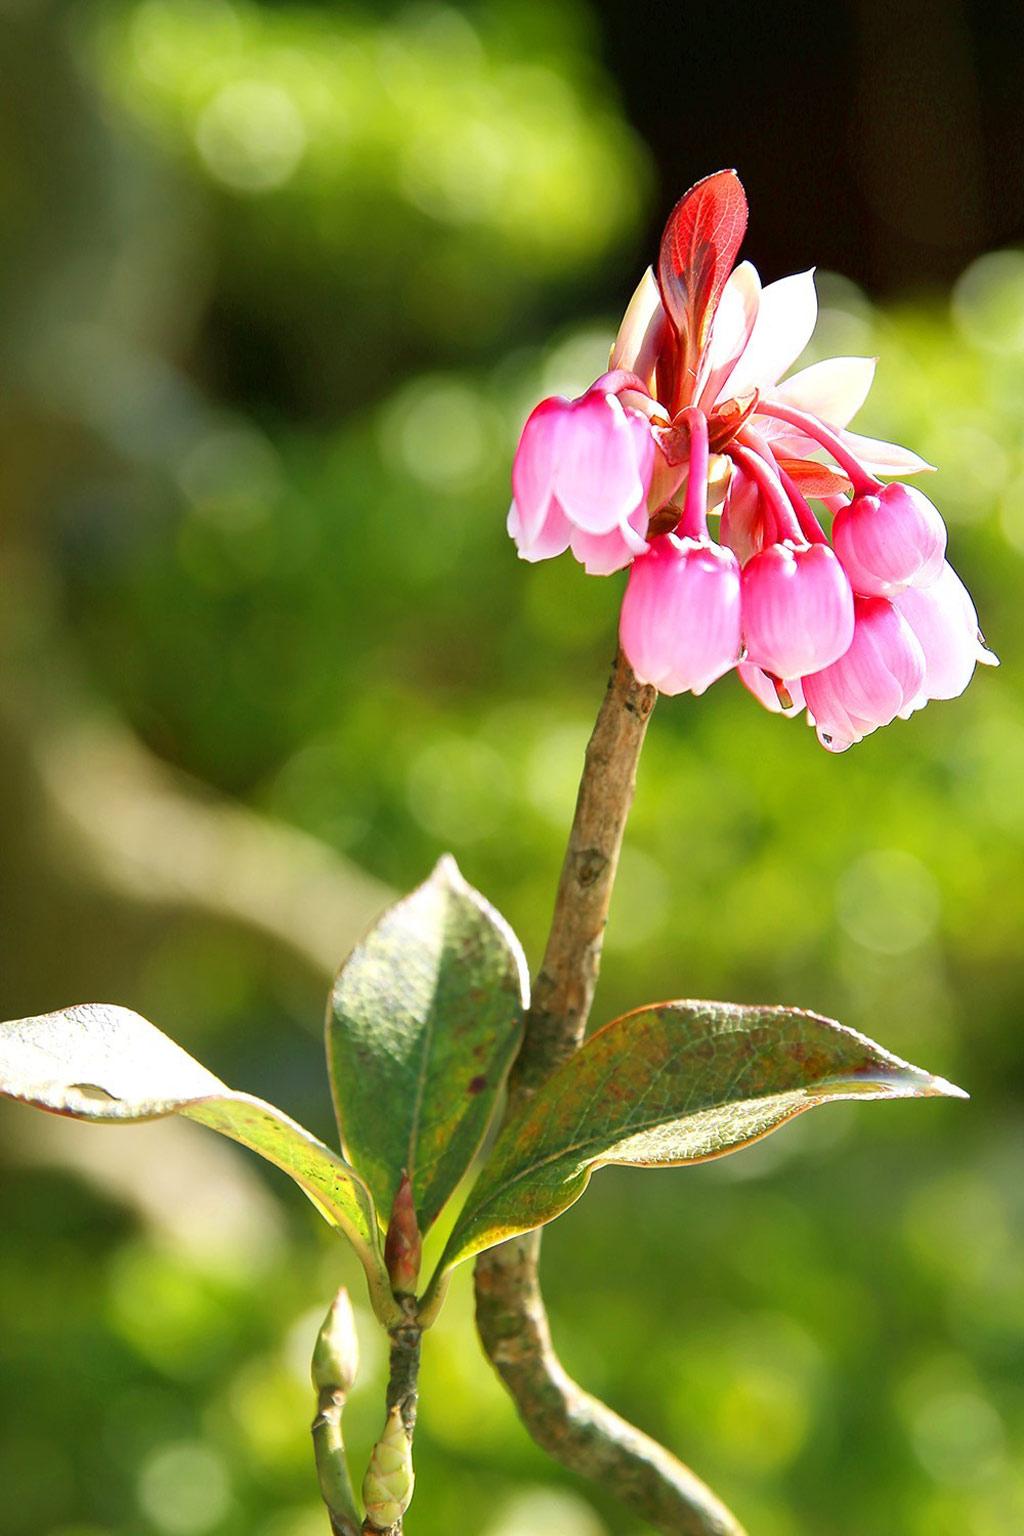 Đến Bà Nà Hills, bạn có thể chiêm ngưỡng vẻ đẹp của hoa đào chuông ở khu tâm linh với đền Lĩnh Chúa Linh Từ, chùa Linh Phong Tự, Trú Vũ Đài, Trú Vũ Trà Quán...